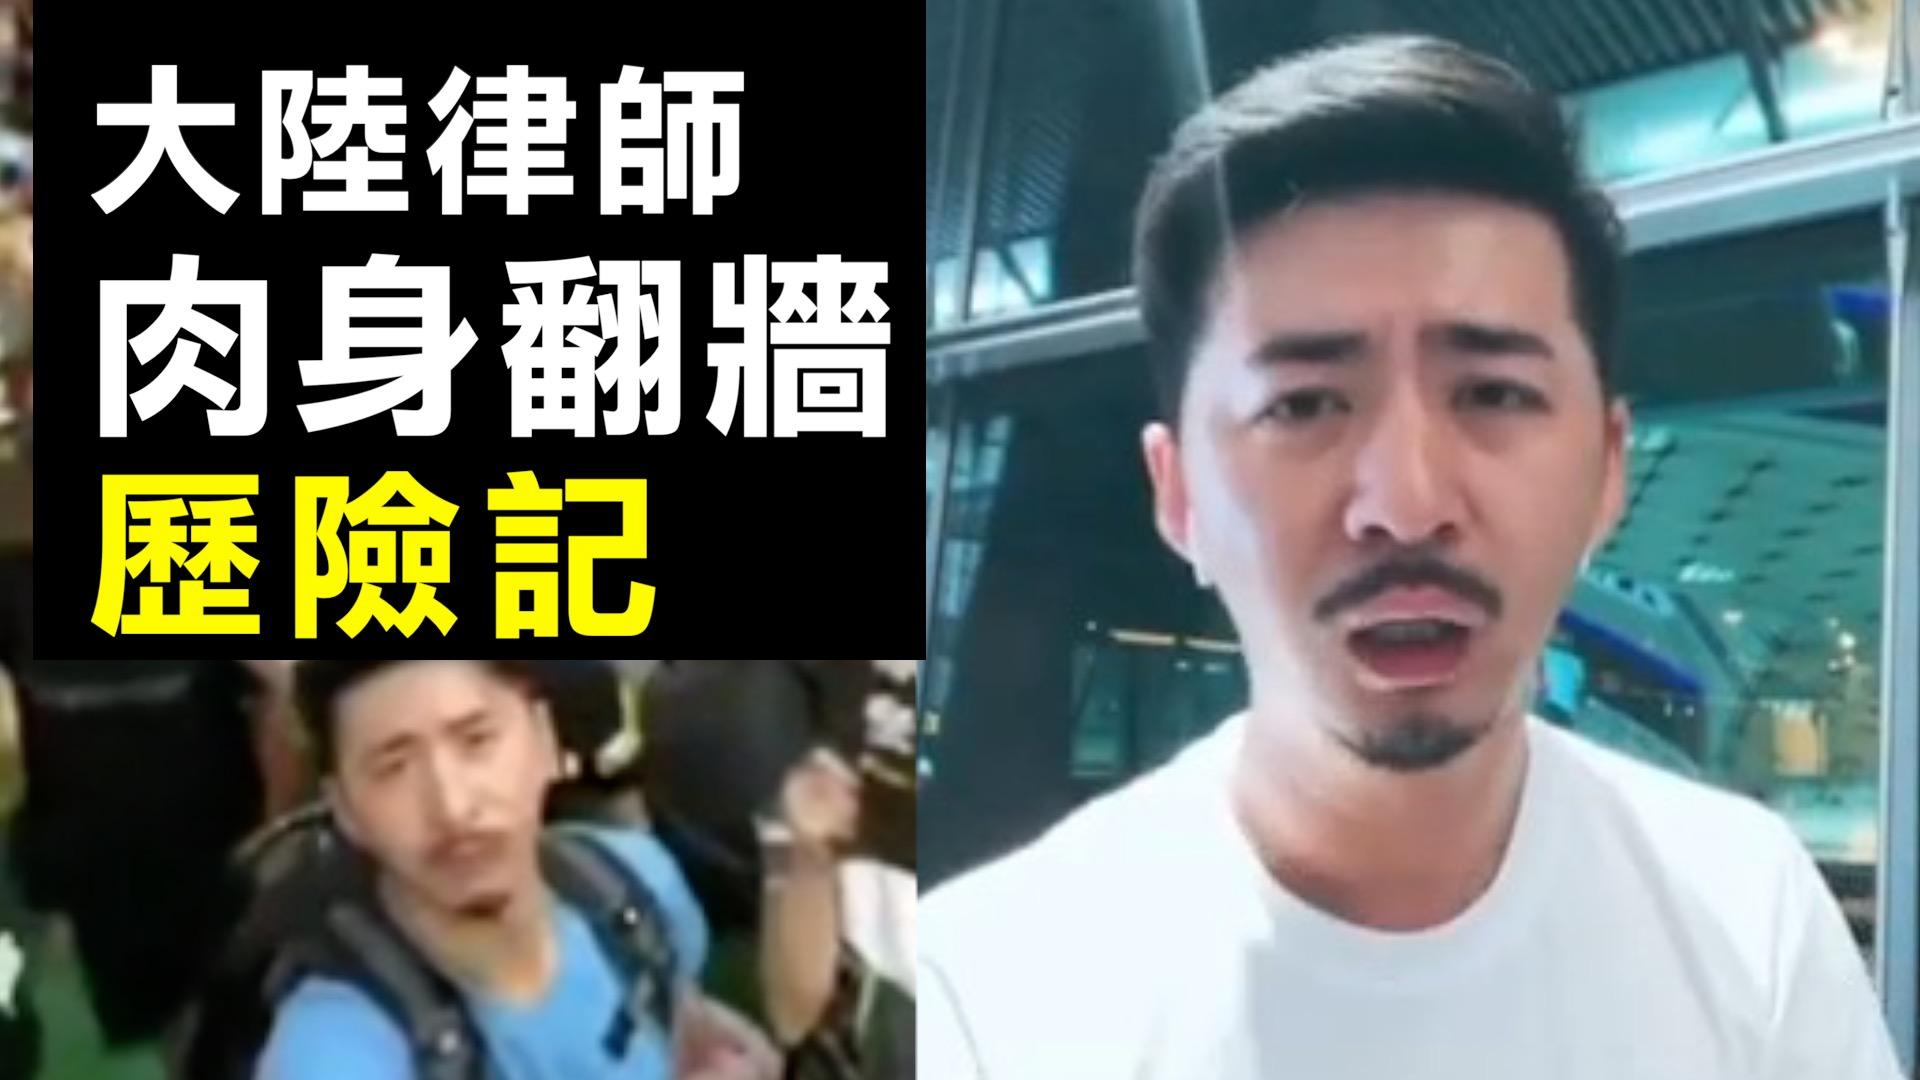 被限制出境 陳秋實:政權會更迭 天快亮了